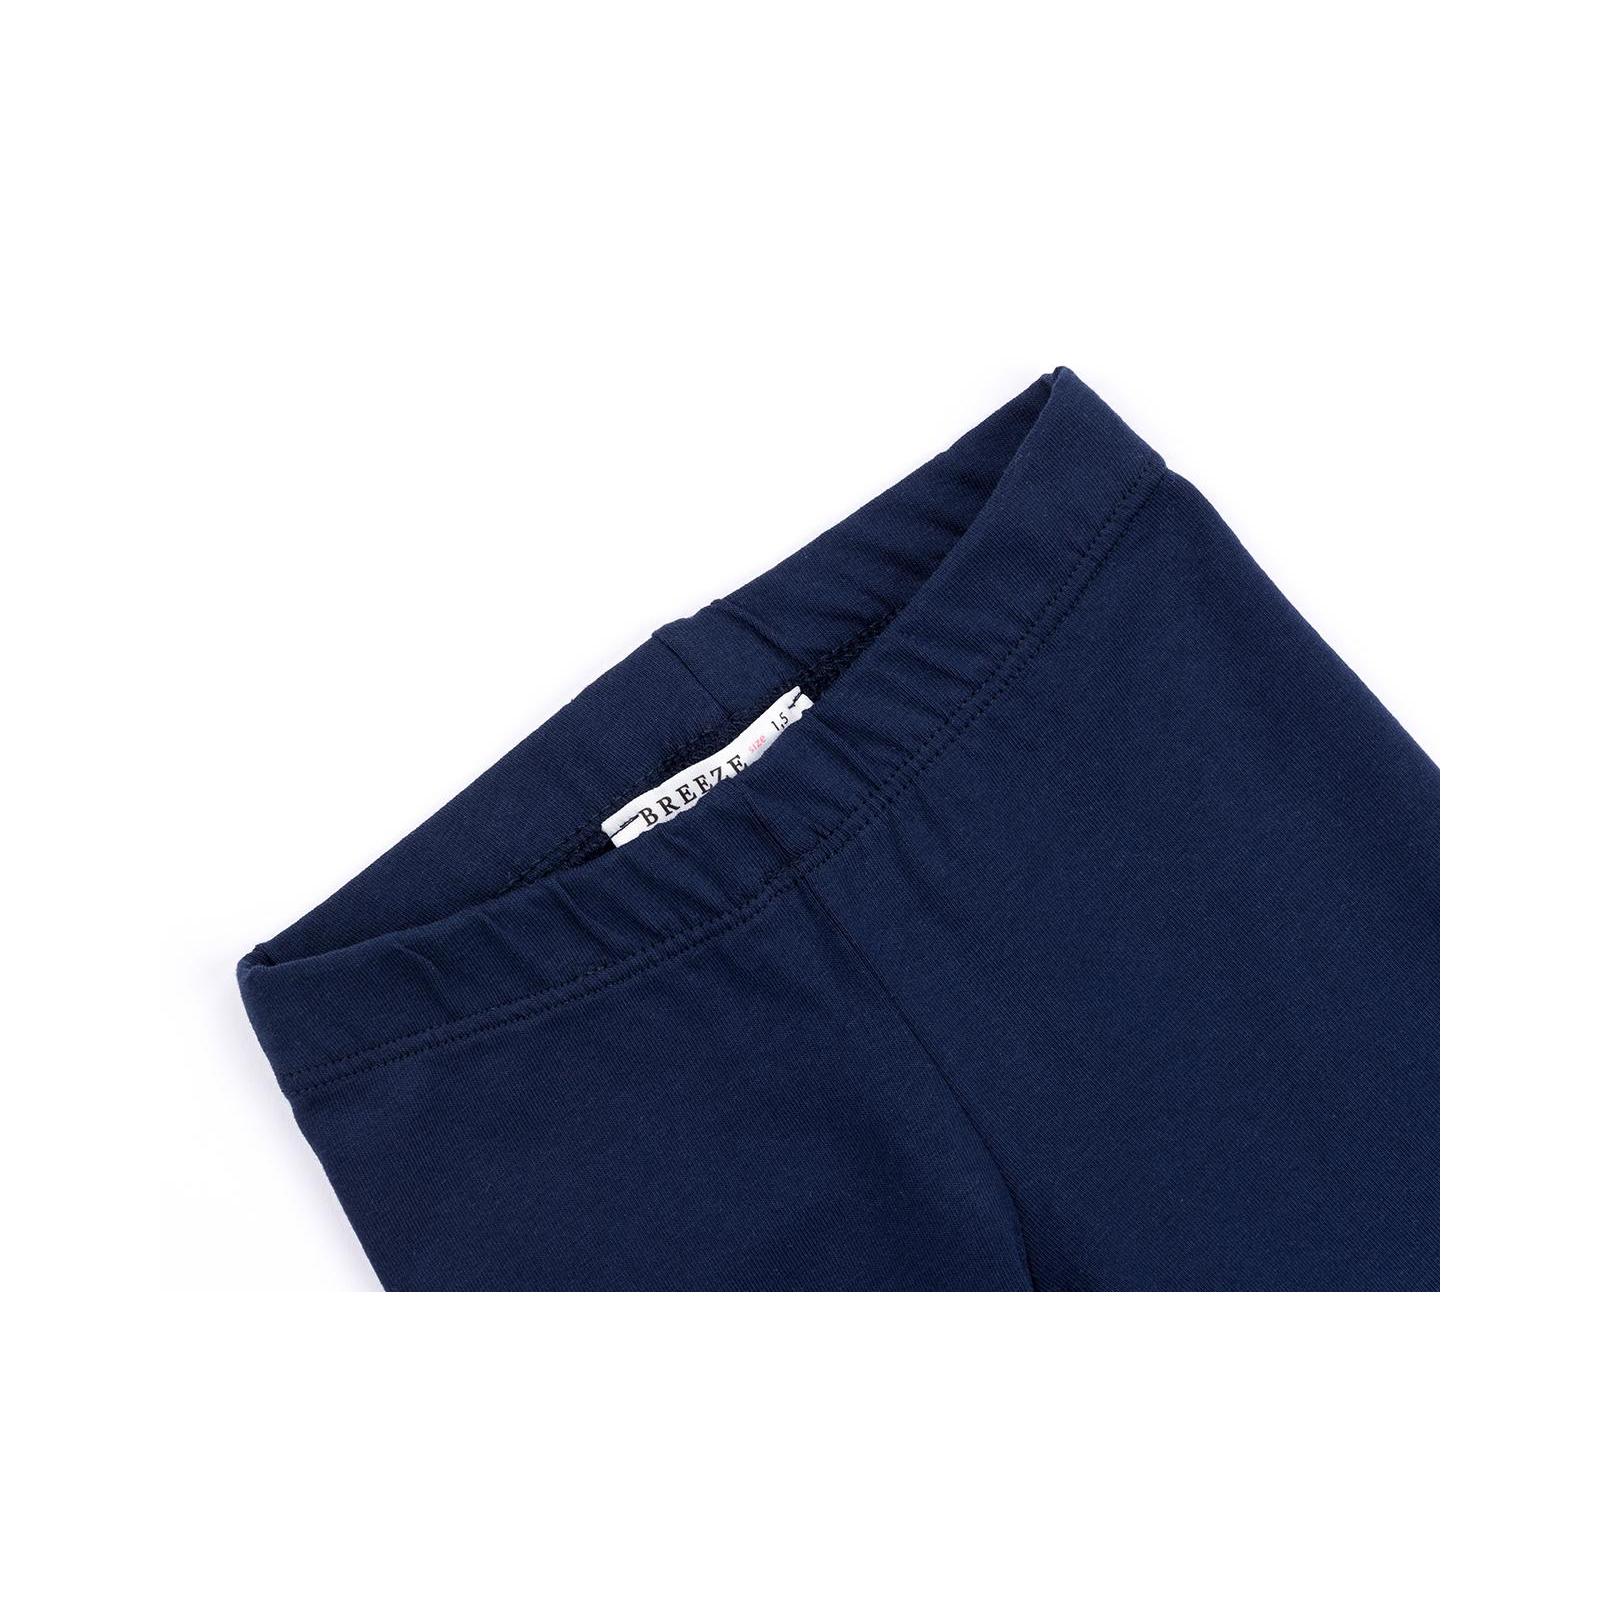 Набор детской одежды Breeze с коронкой (10869-98G-blue) изображение 10